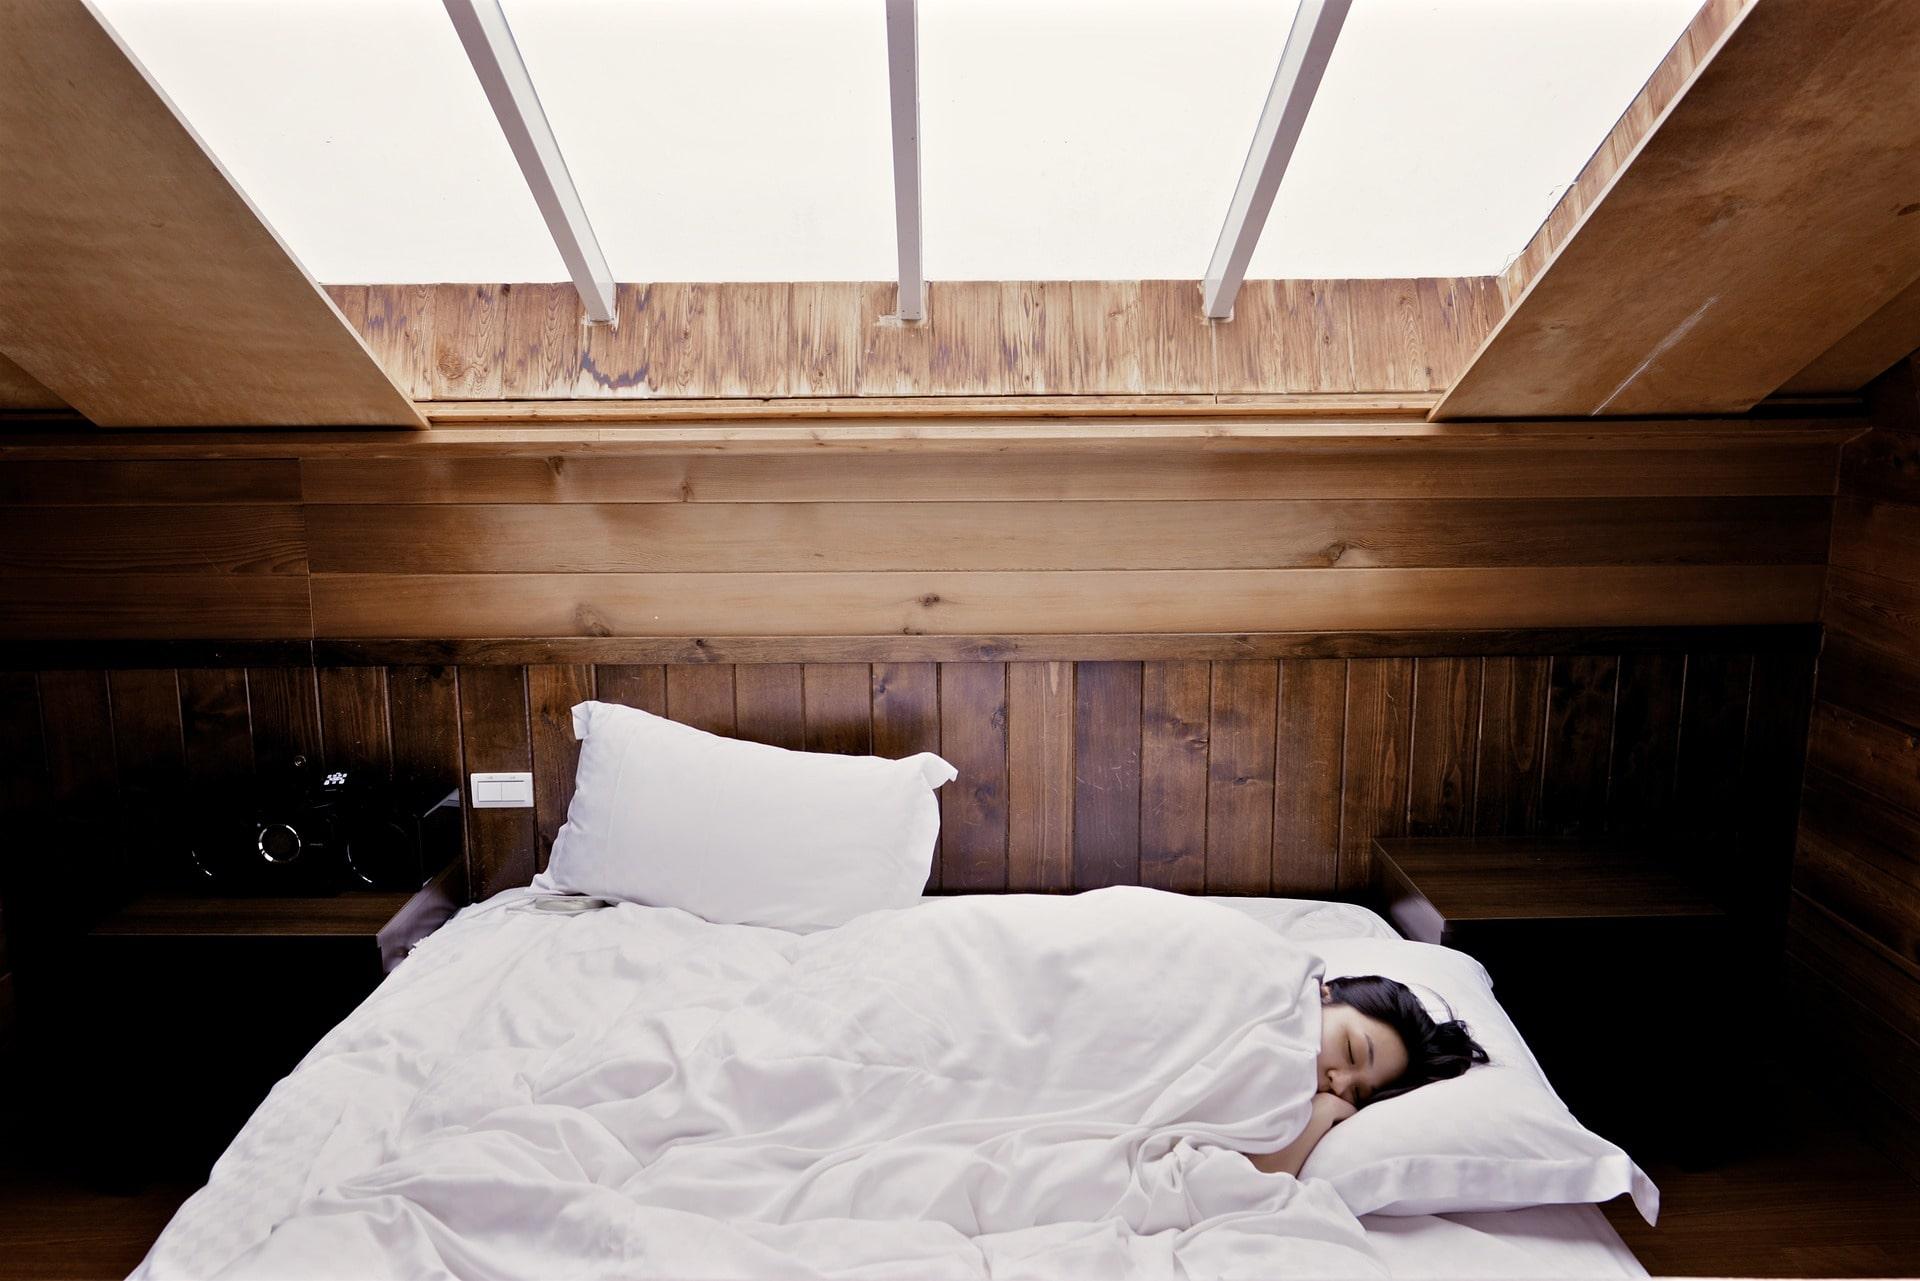 En kvinna i en säng som sover.